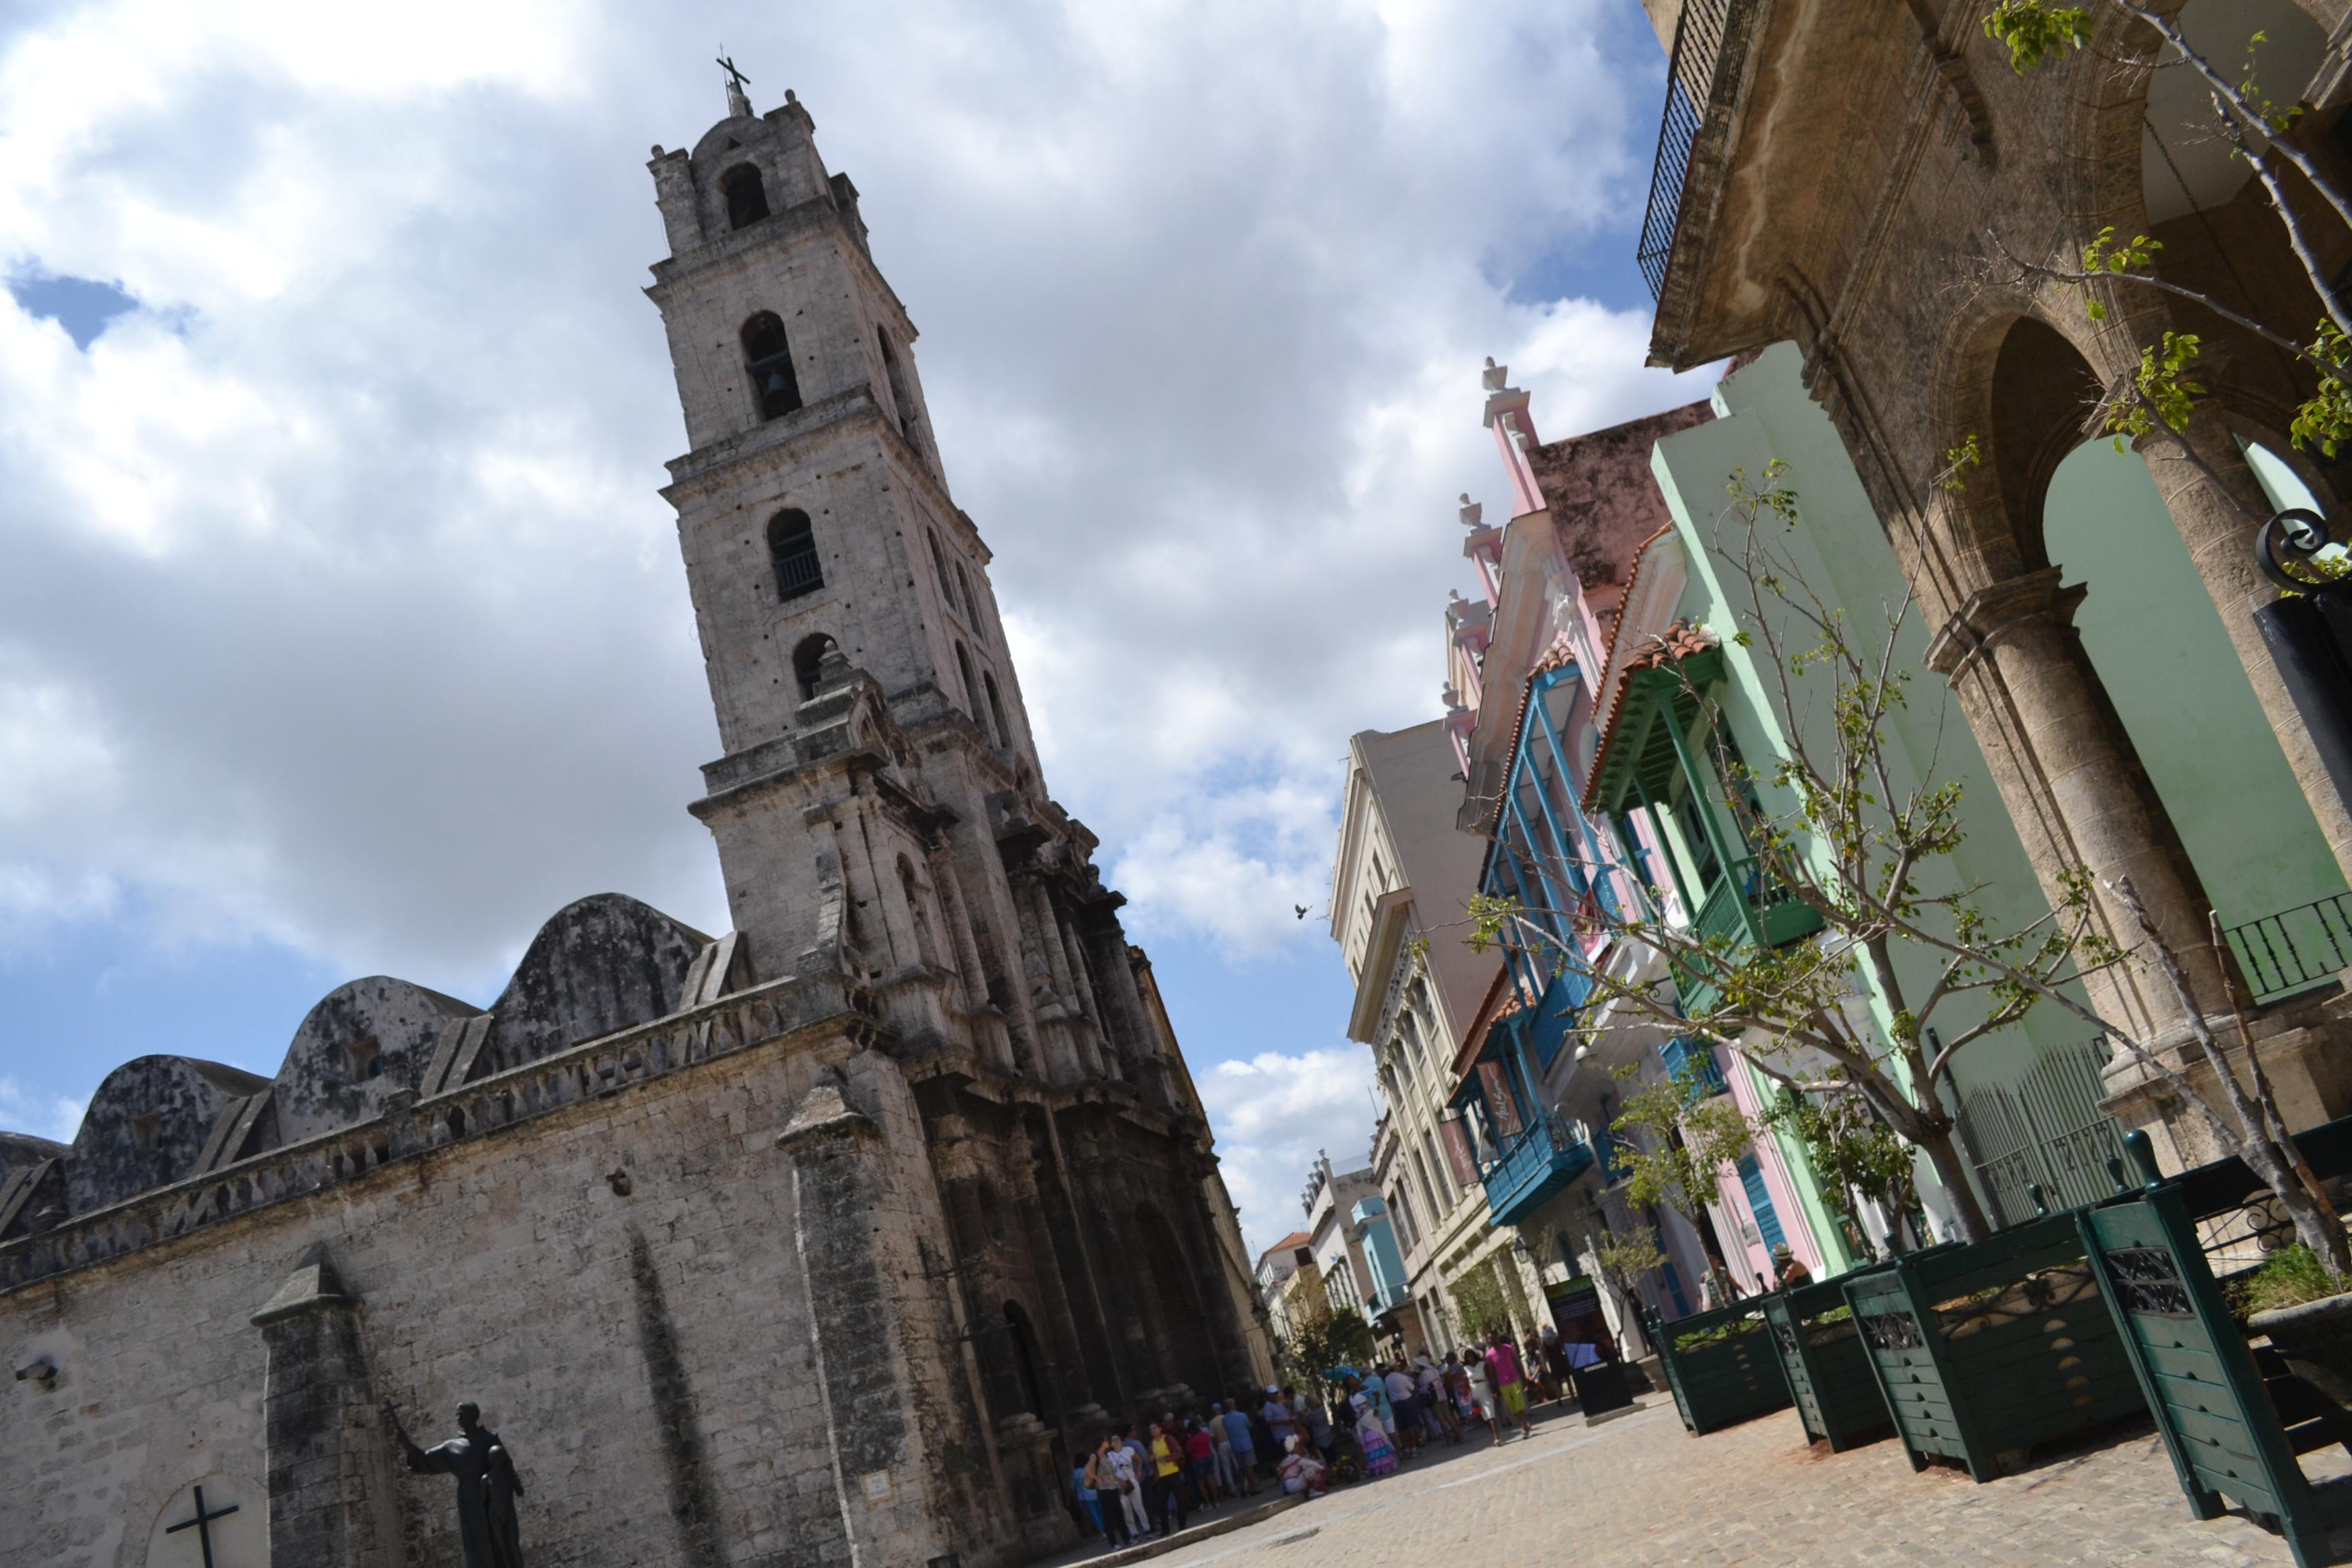 キューバ・ハバナの観光地区の教会2の写真